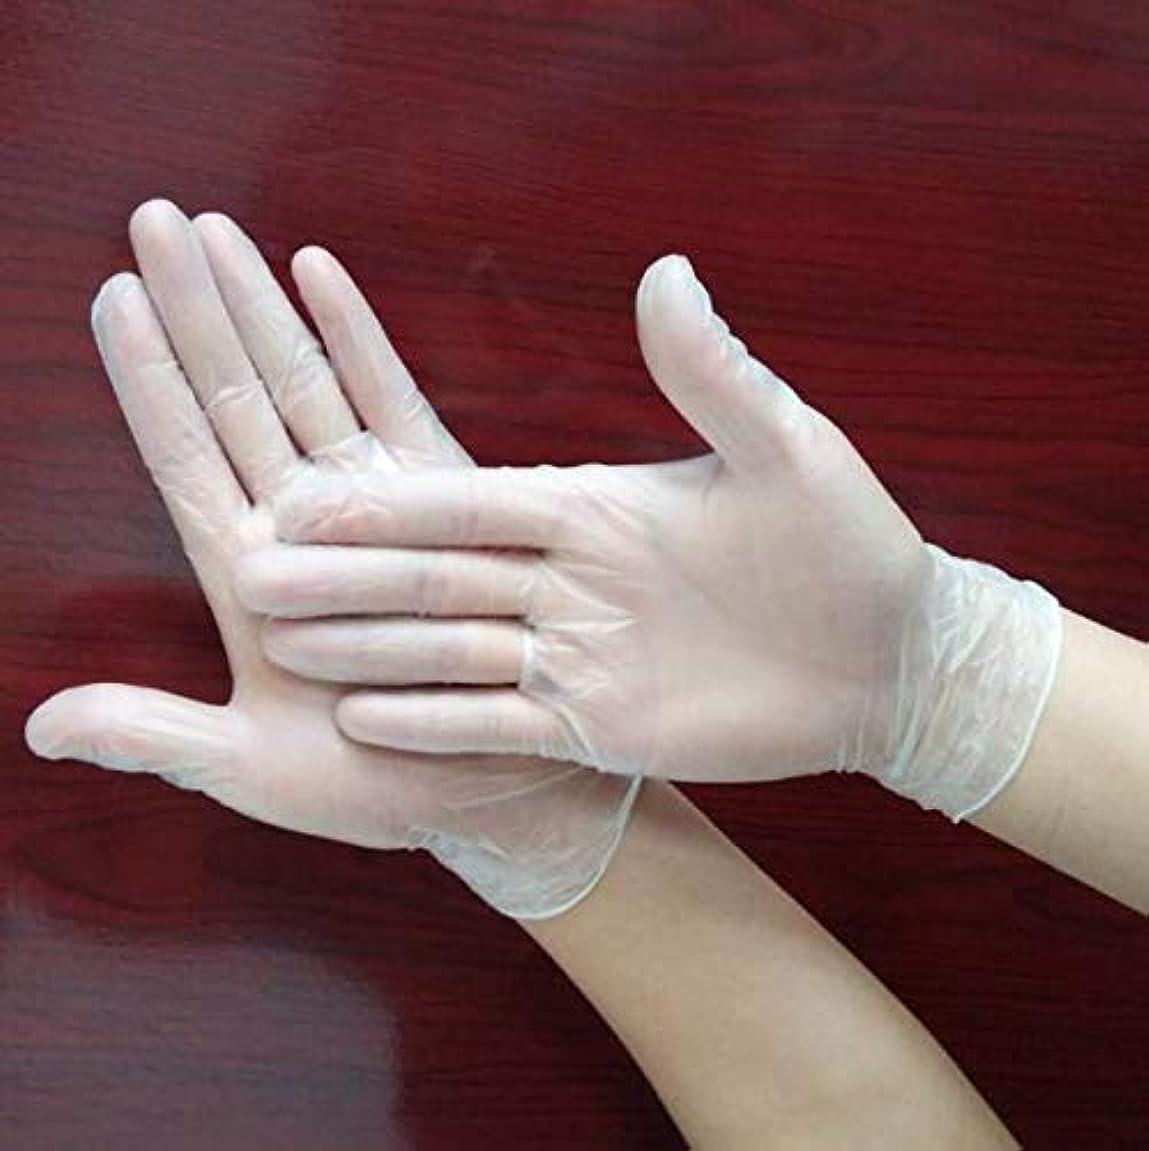 どきどき腸ゲストハッピー 使い捨てPVC手袋 ベルテプラテ 使い捨て手袋 PVCグローブ 粉なし パウダーフリー 左右兼用 (M)